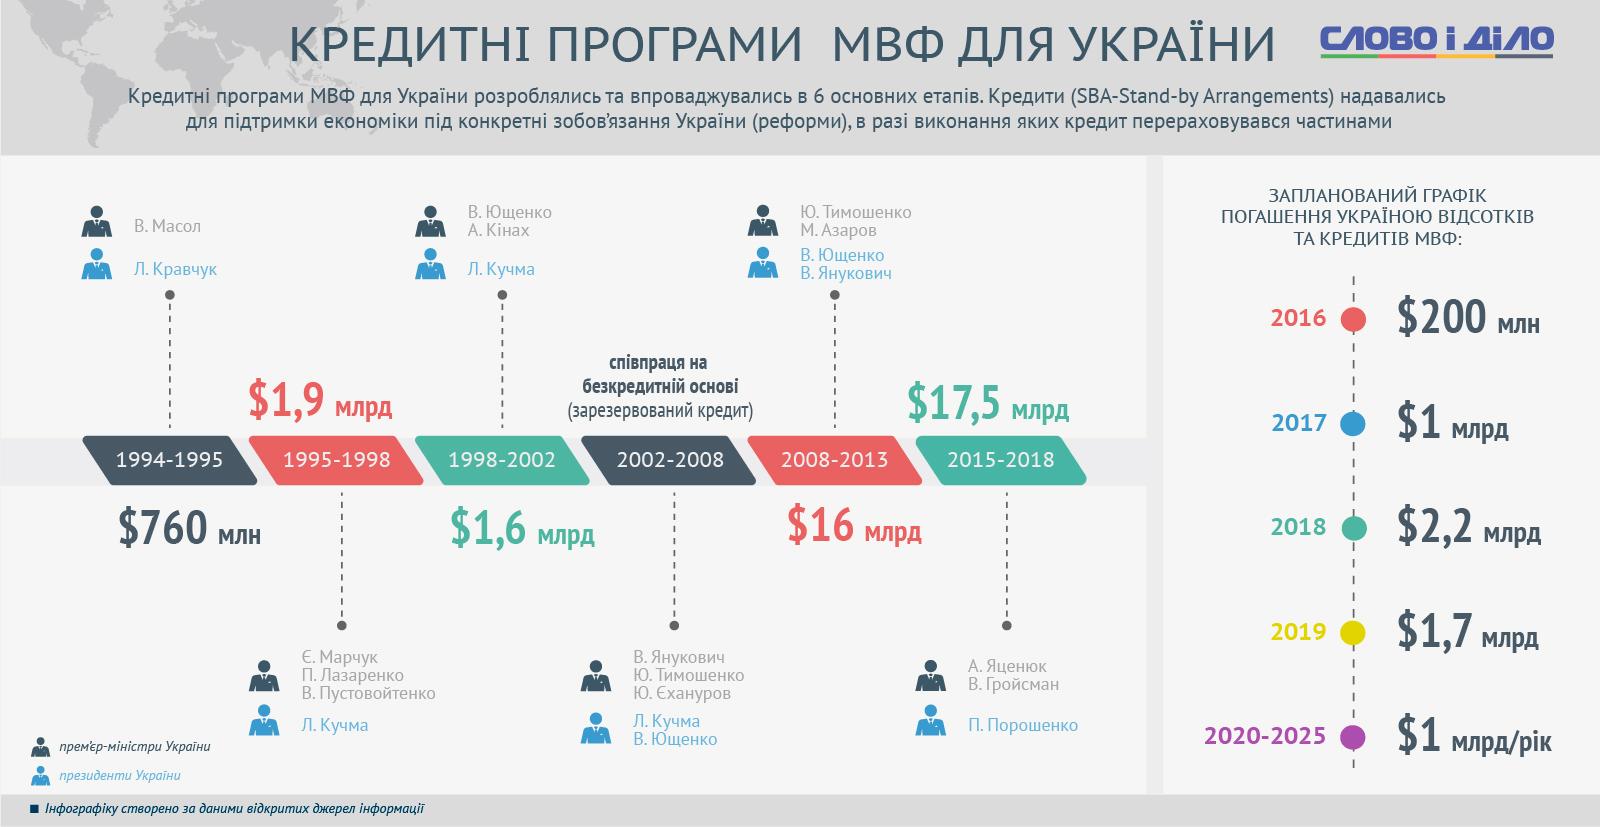 МВФ сегодня рассмотрит вопрос предоставления Украине транша в 1 млрд долларов - Цензор.НЕТ 5311